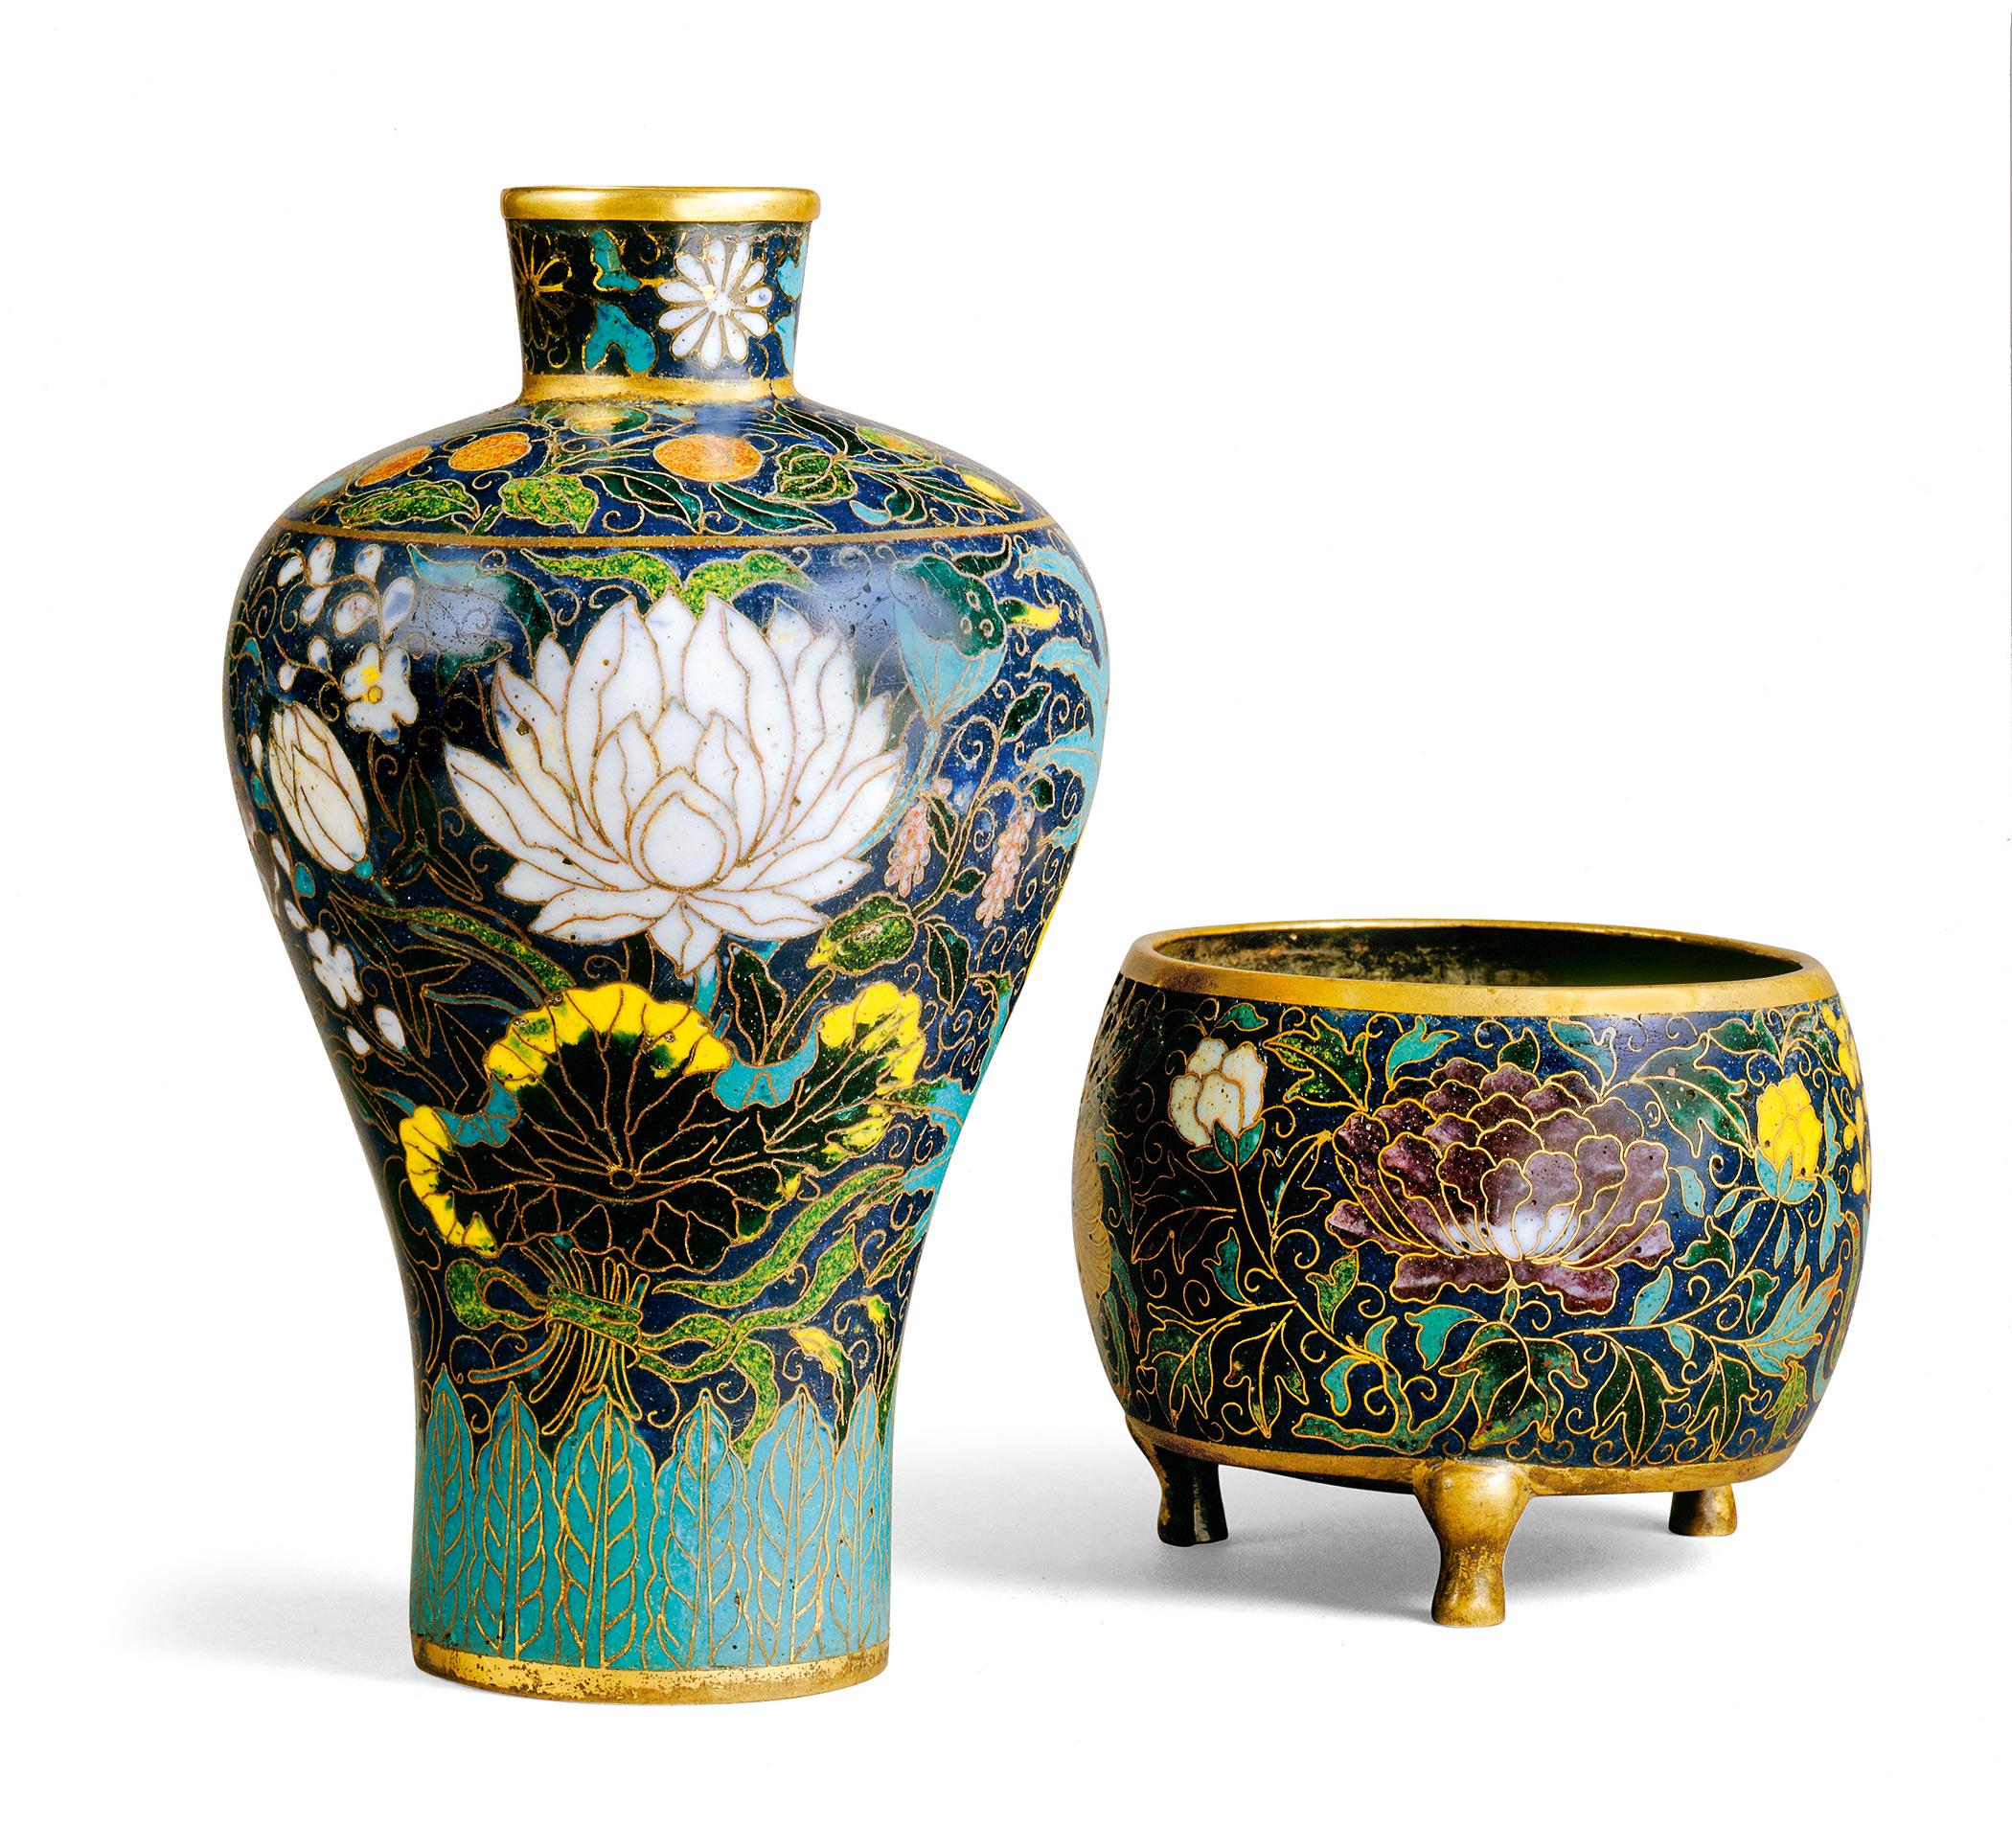 Connu De la Chine aux Arts Décoratifs : l'art chinois dans les  YG05